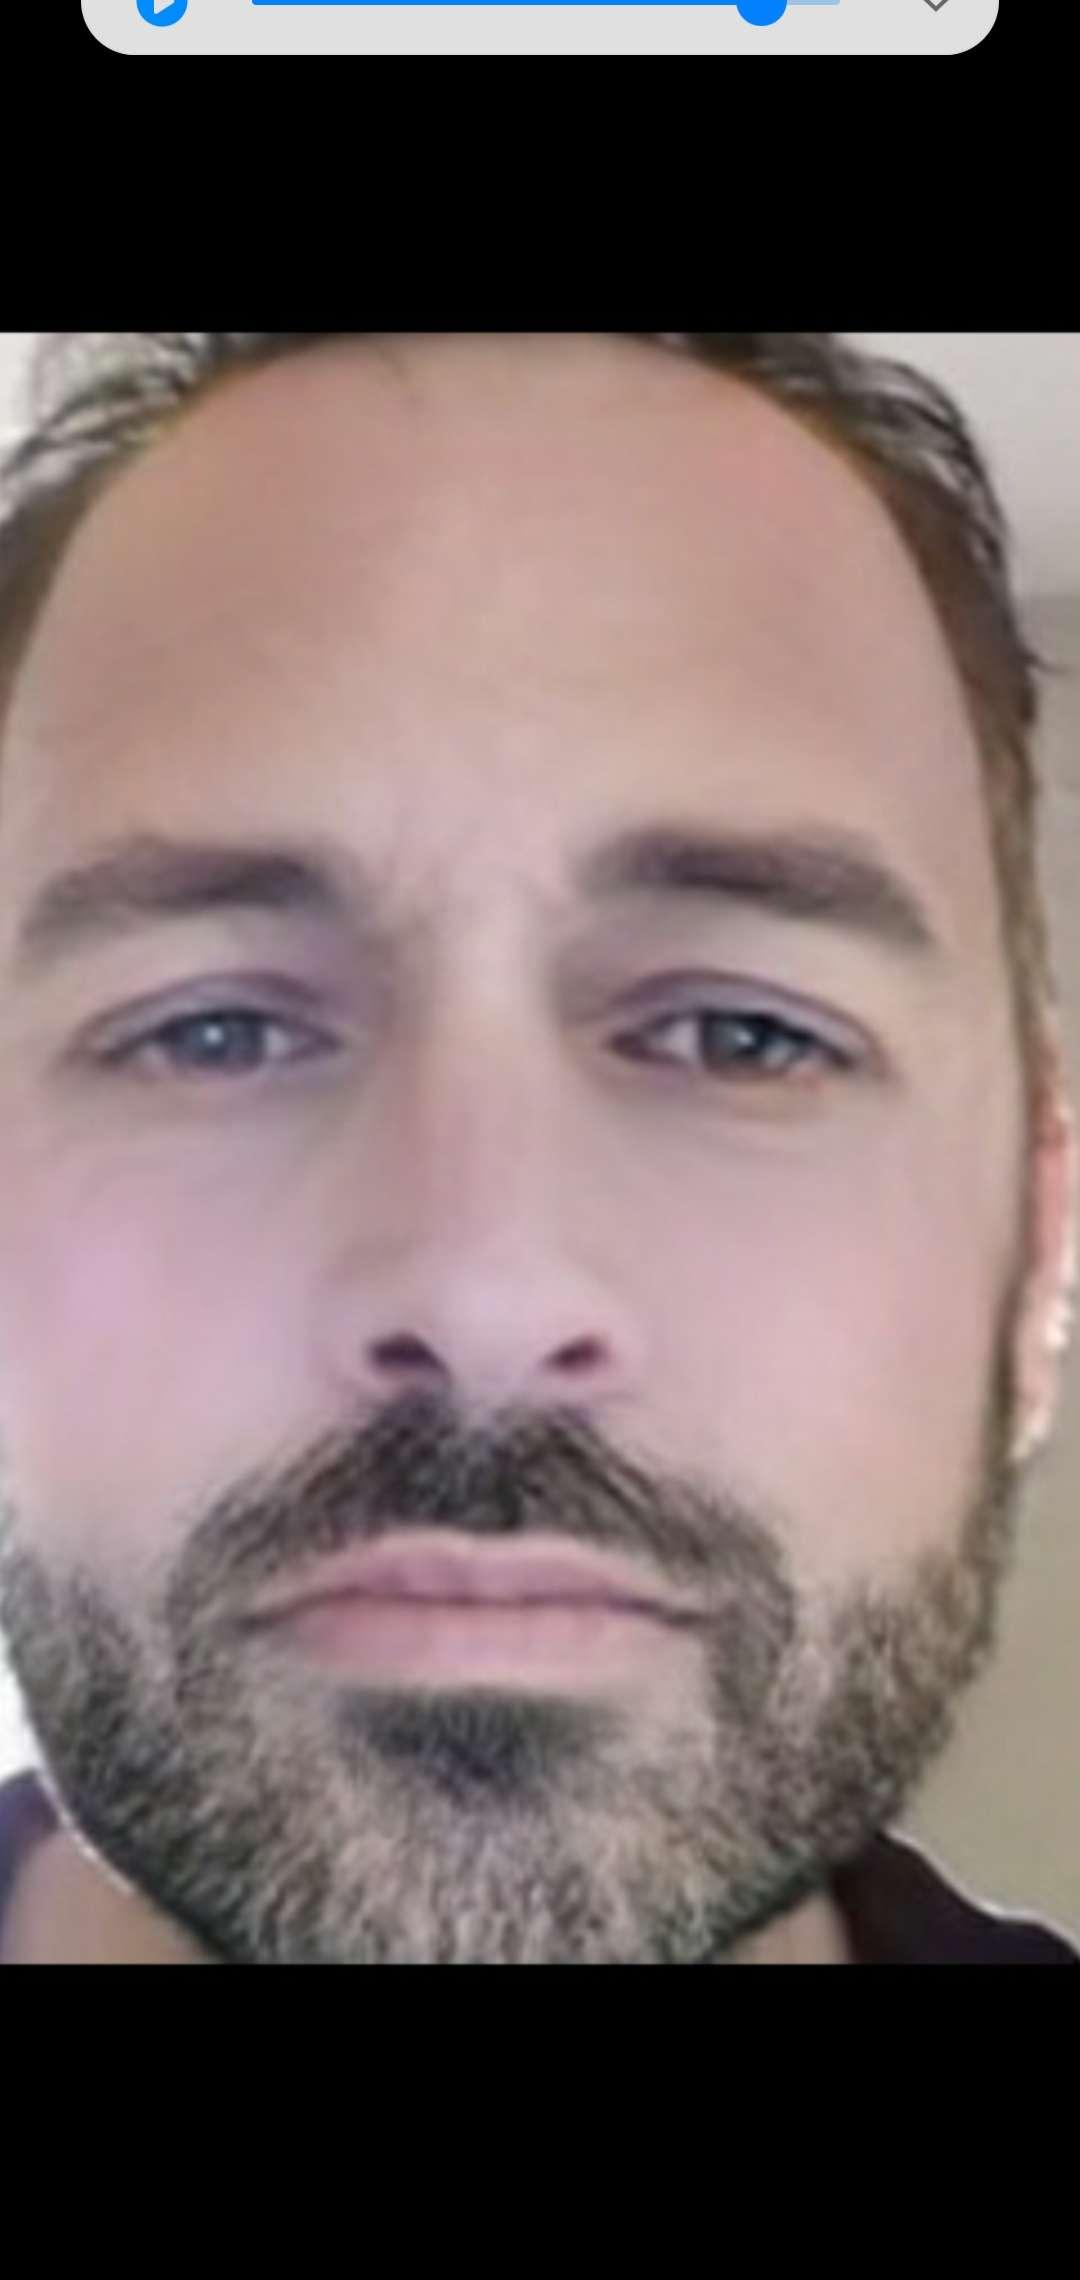 Michael Antonucci's profile image